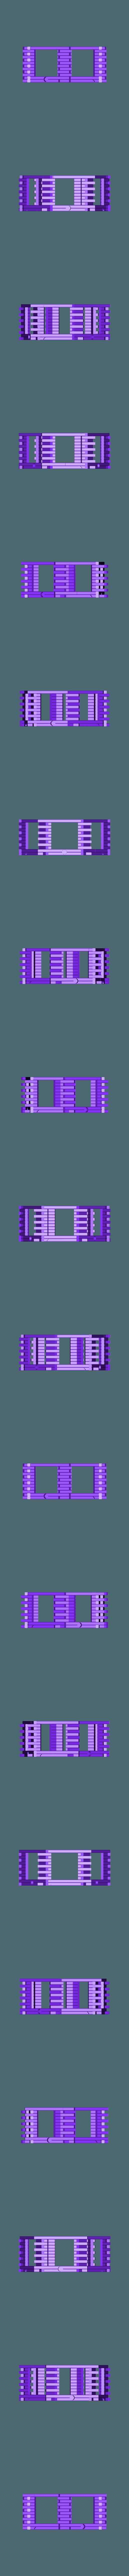 walls_whole.stl Télécharger fichier STL gratuit Maison des oiseaux • Modèle pour imprimante 3D, poblocki1982